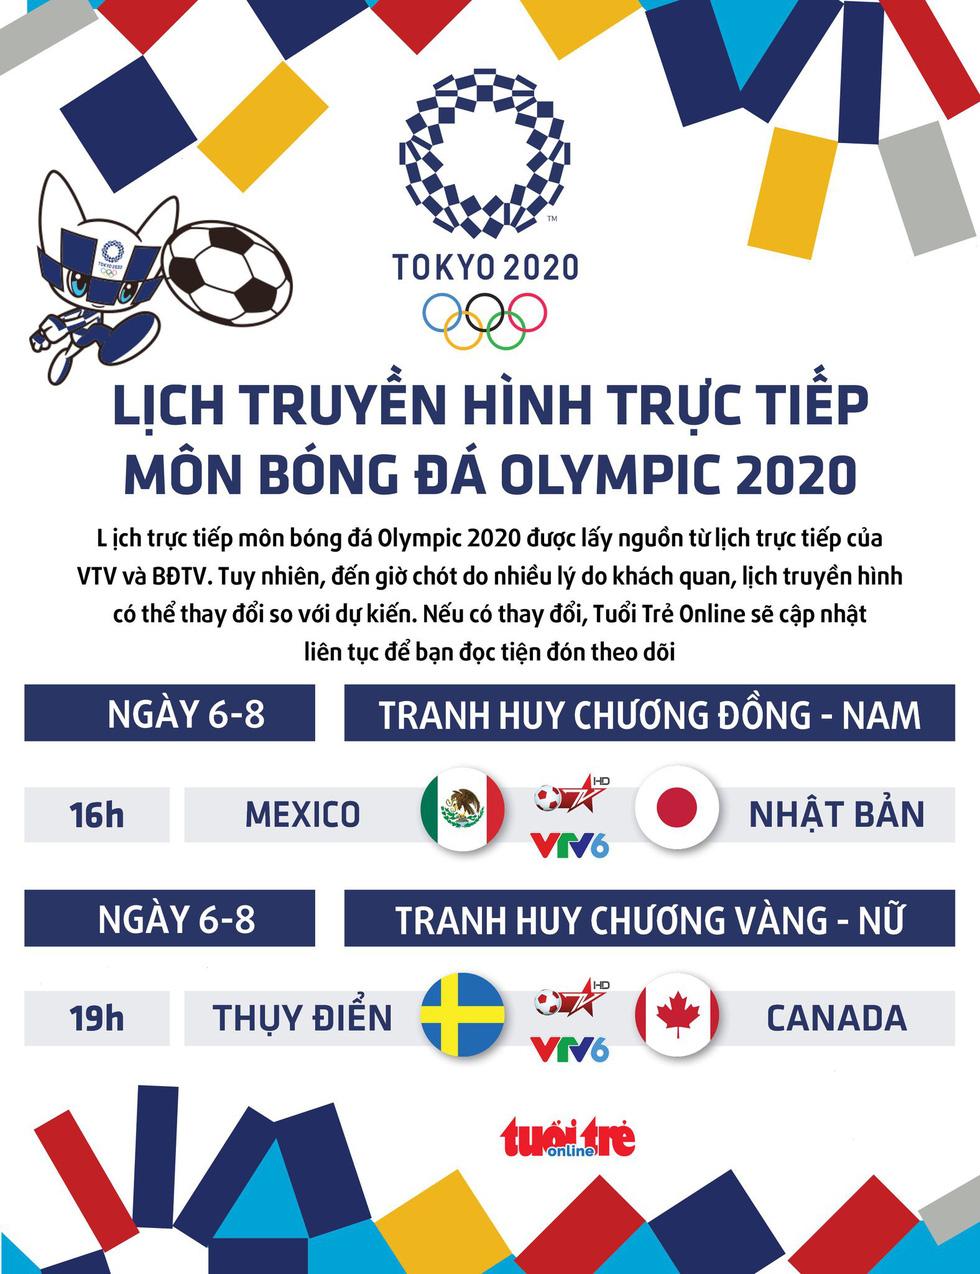 Lịch trực tiếp bóng đá Olympic: HCĐ nam và HCV nữ trên VTV - Ảnh 1.